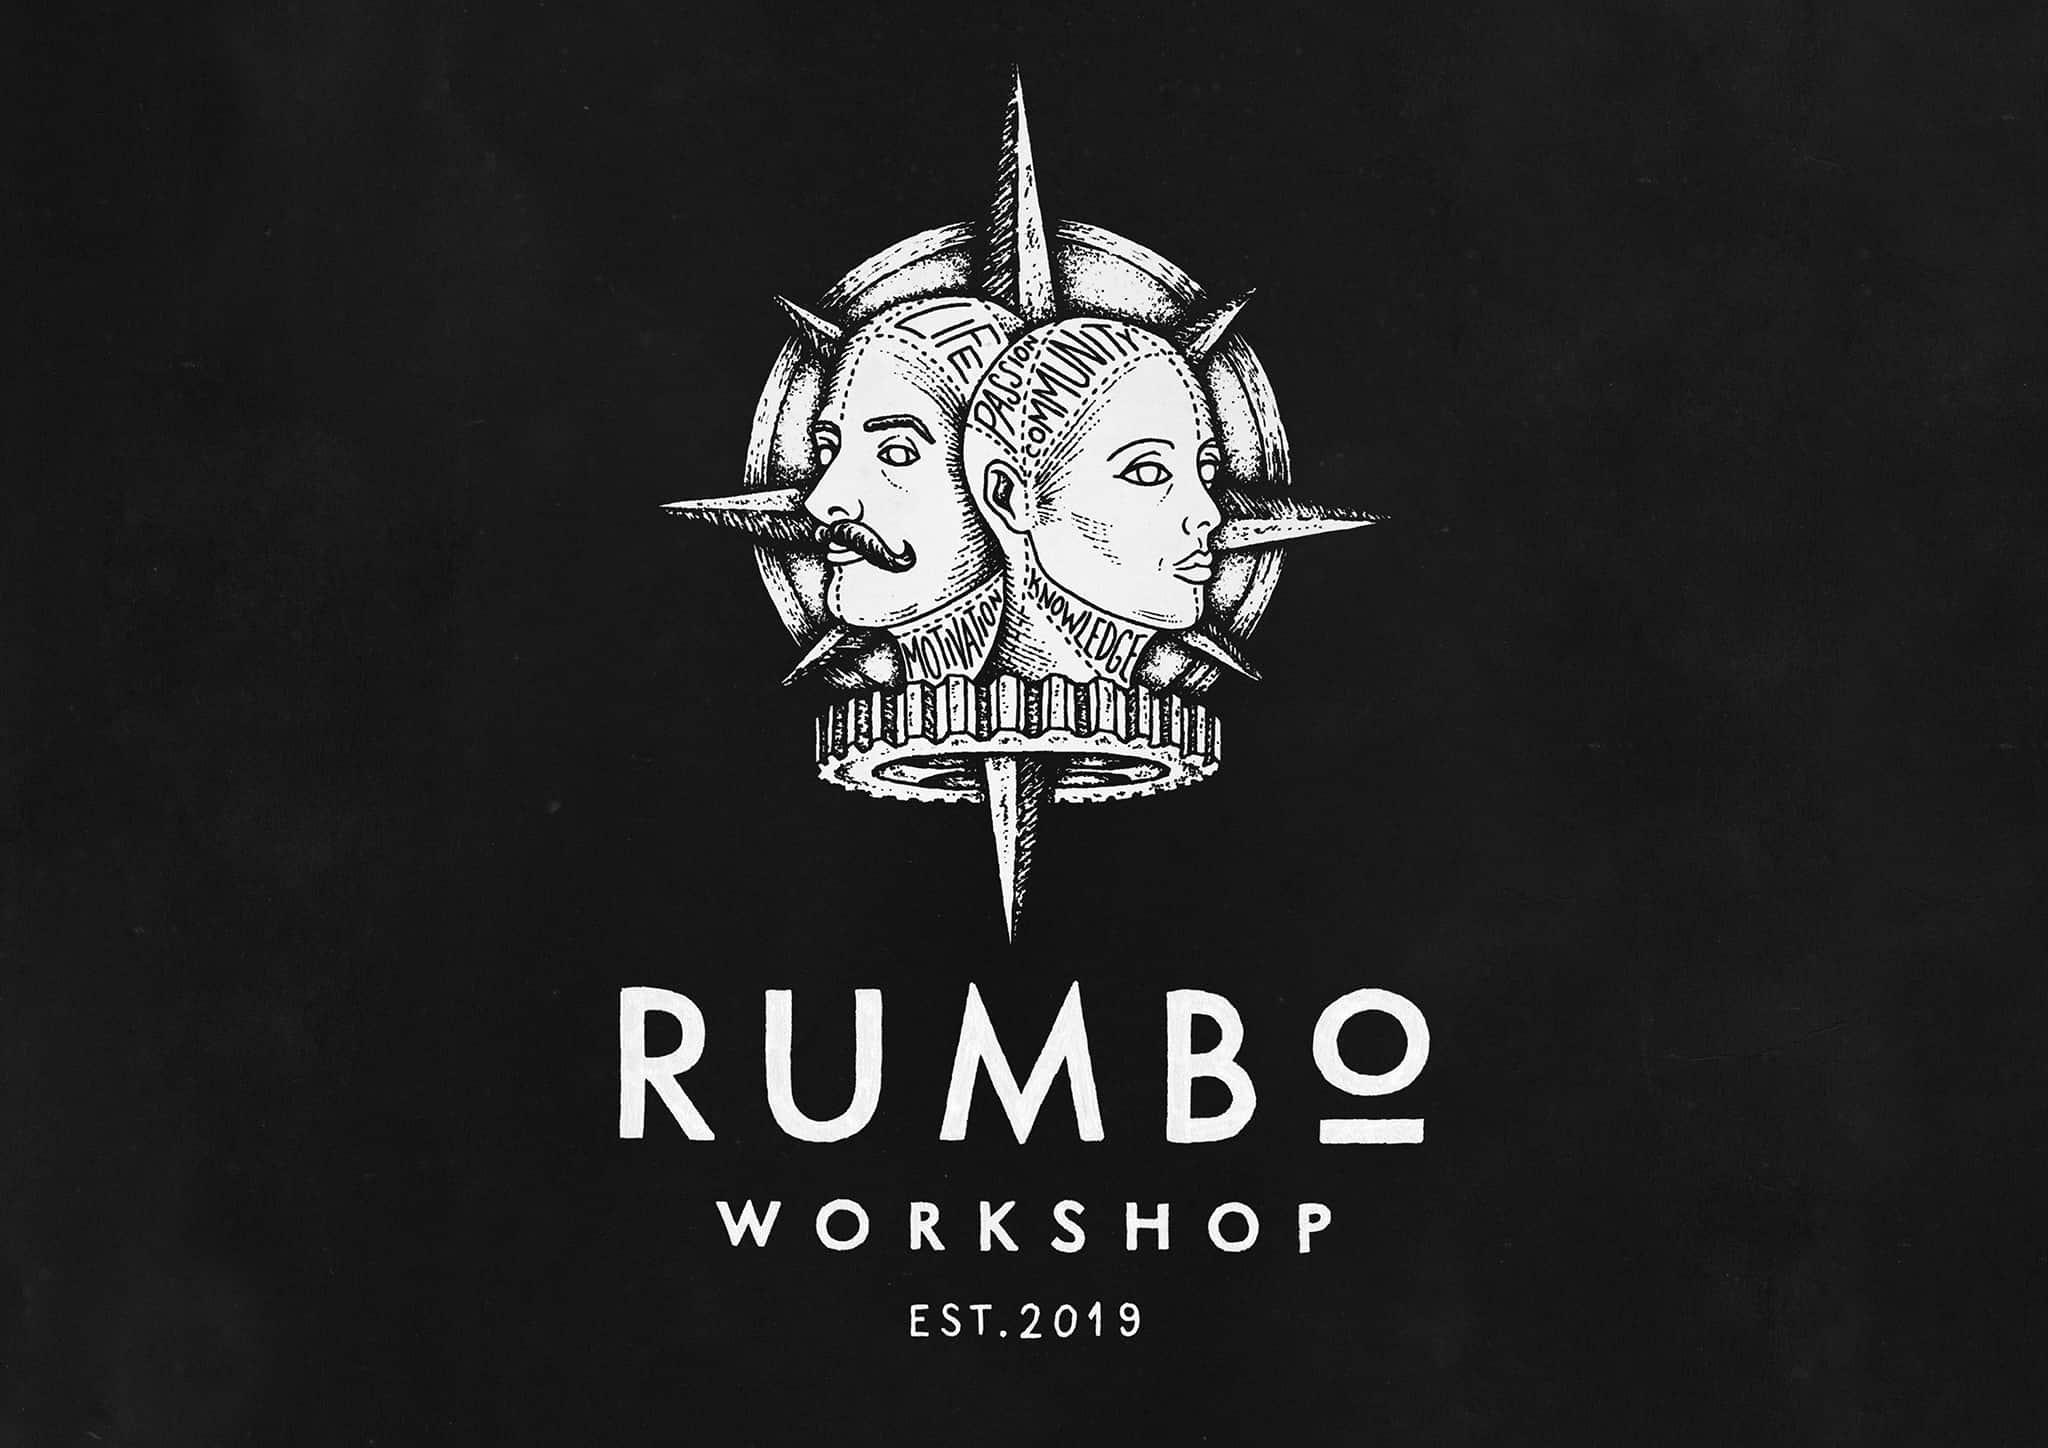 RUMBO Workshop